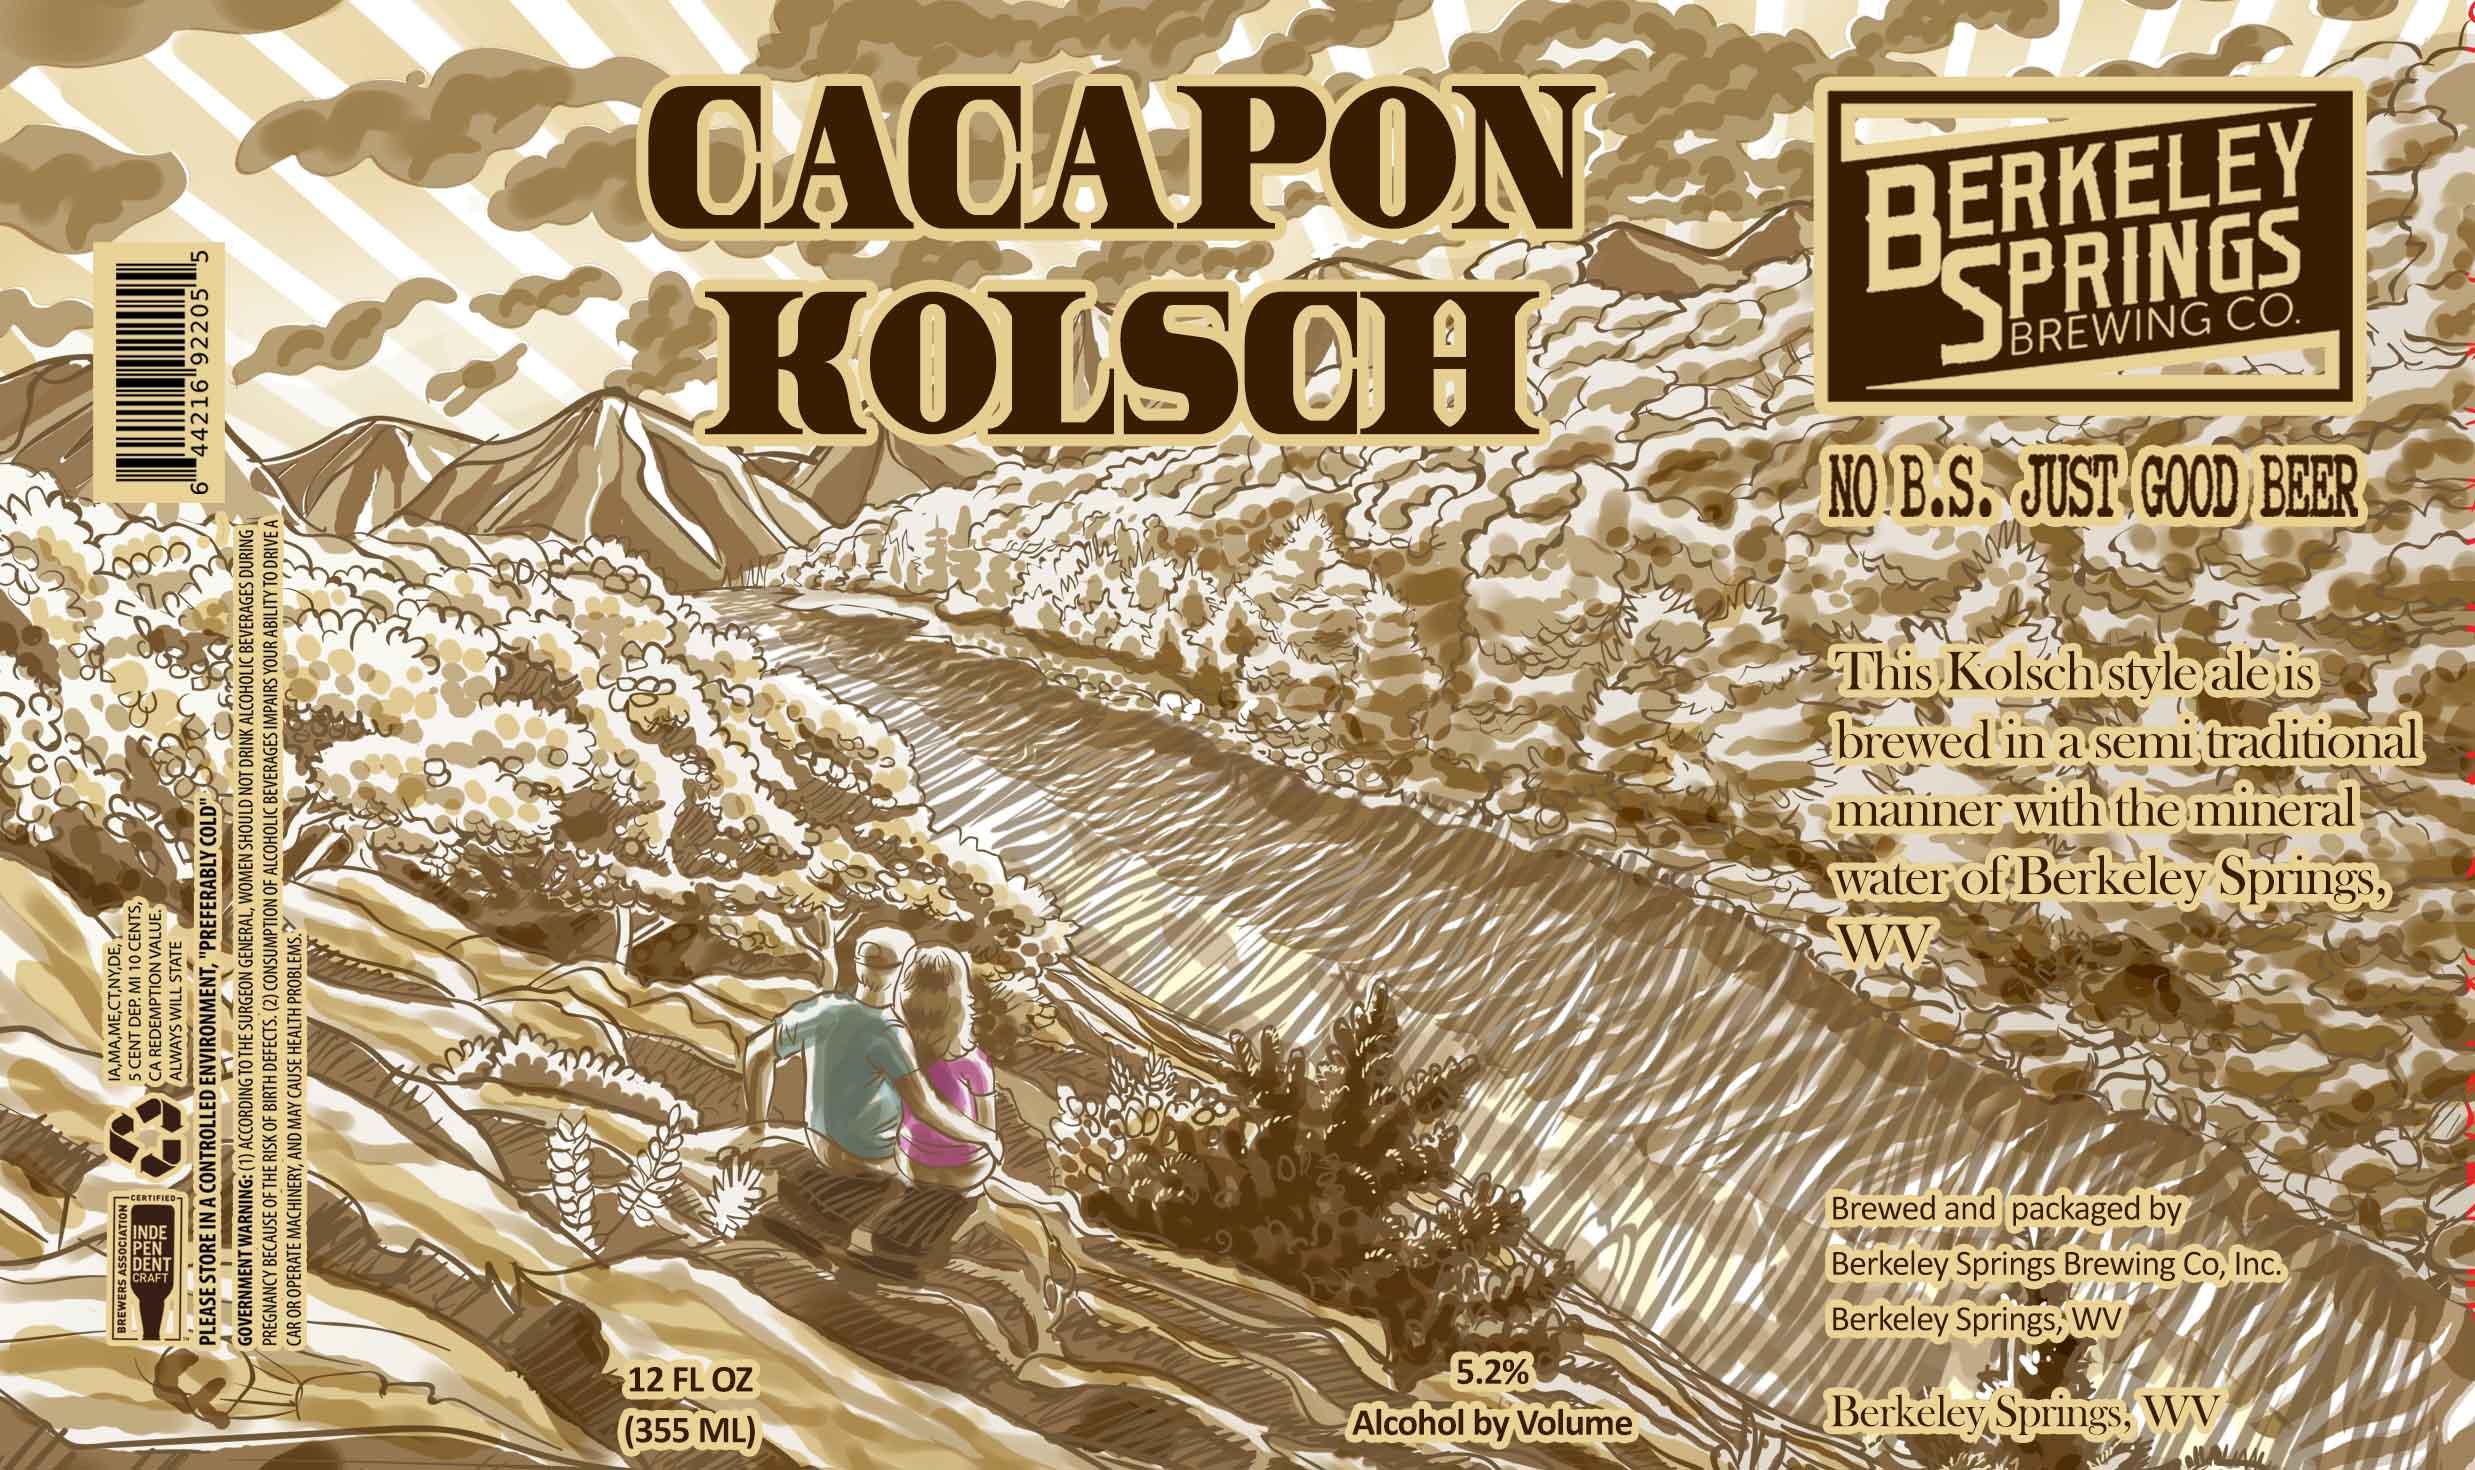 Cacapon Kolsch